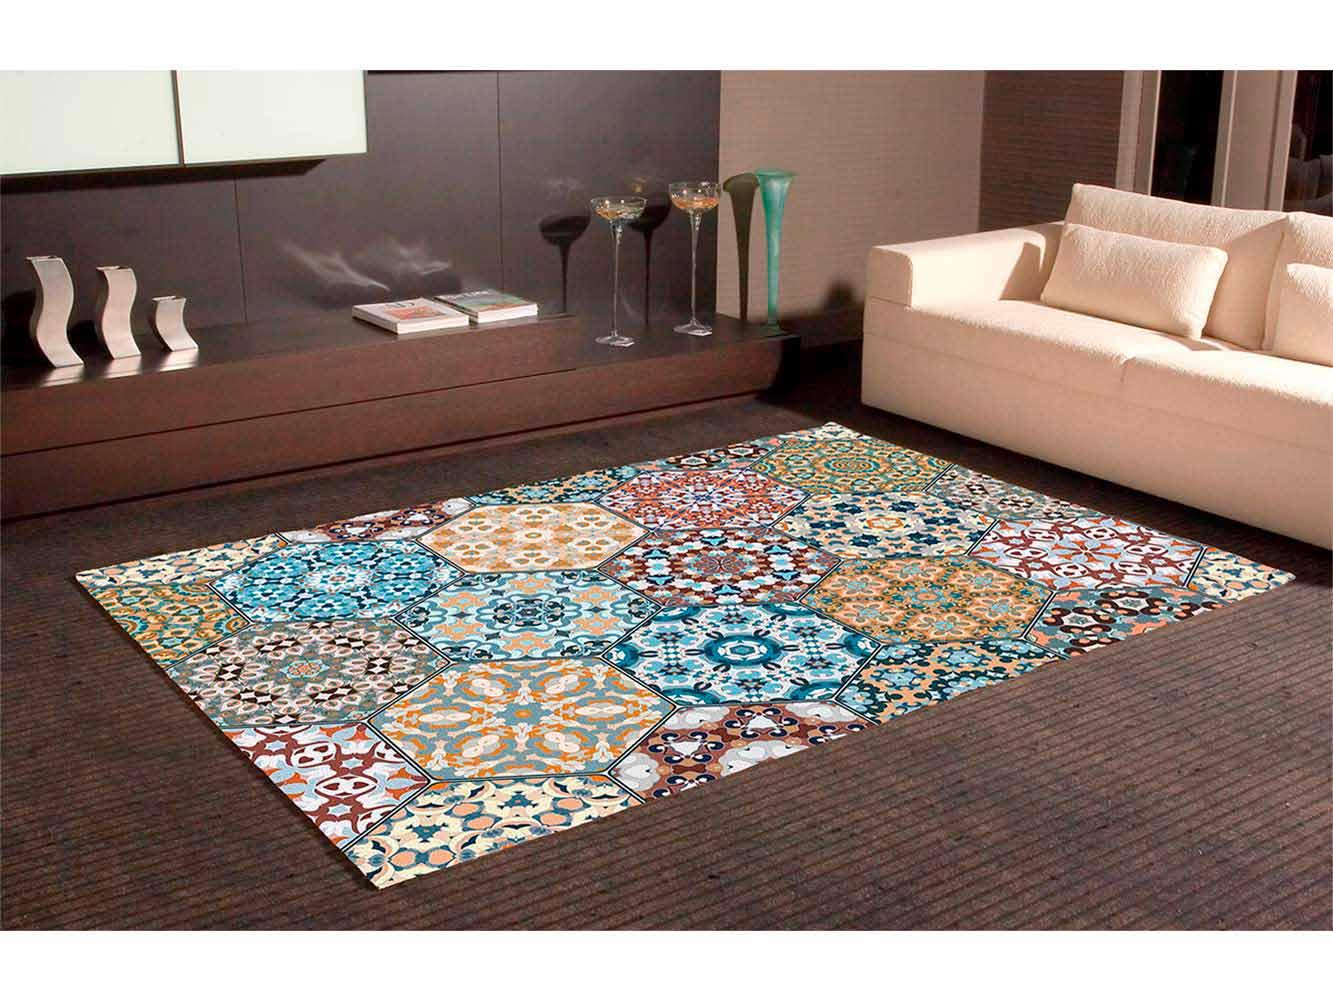 Alfombra PVC Mosaico Hexagonal Ornamental | Carteles XXL - Impresión carteleria publicitaria